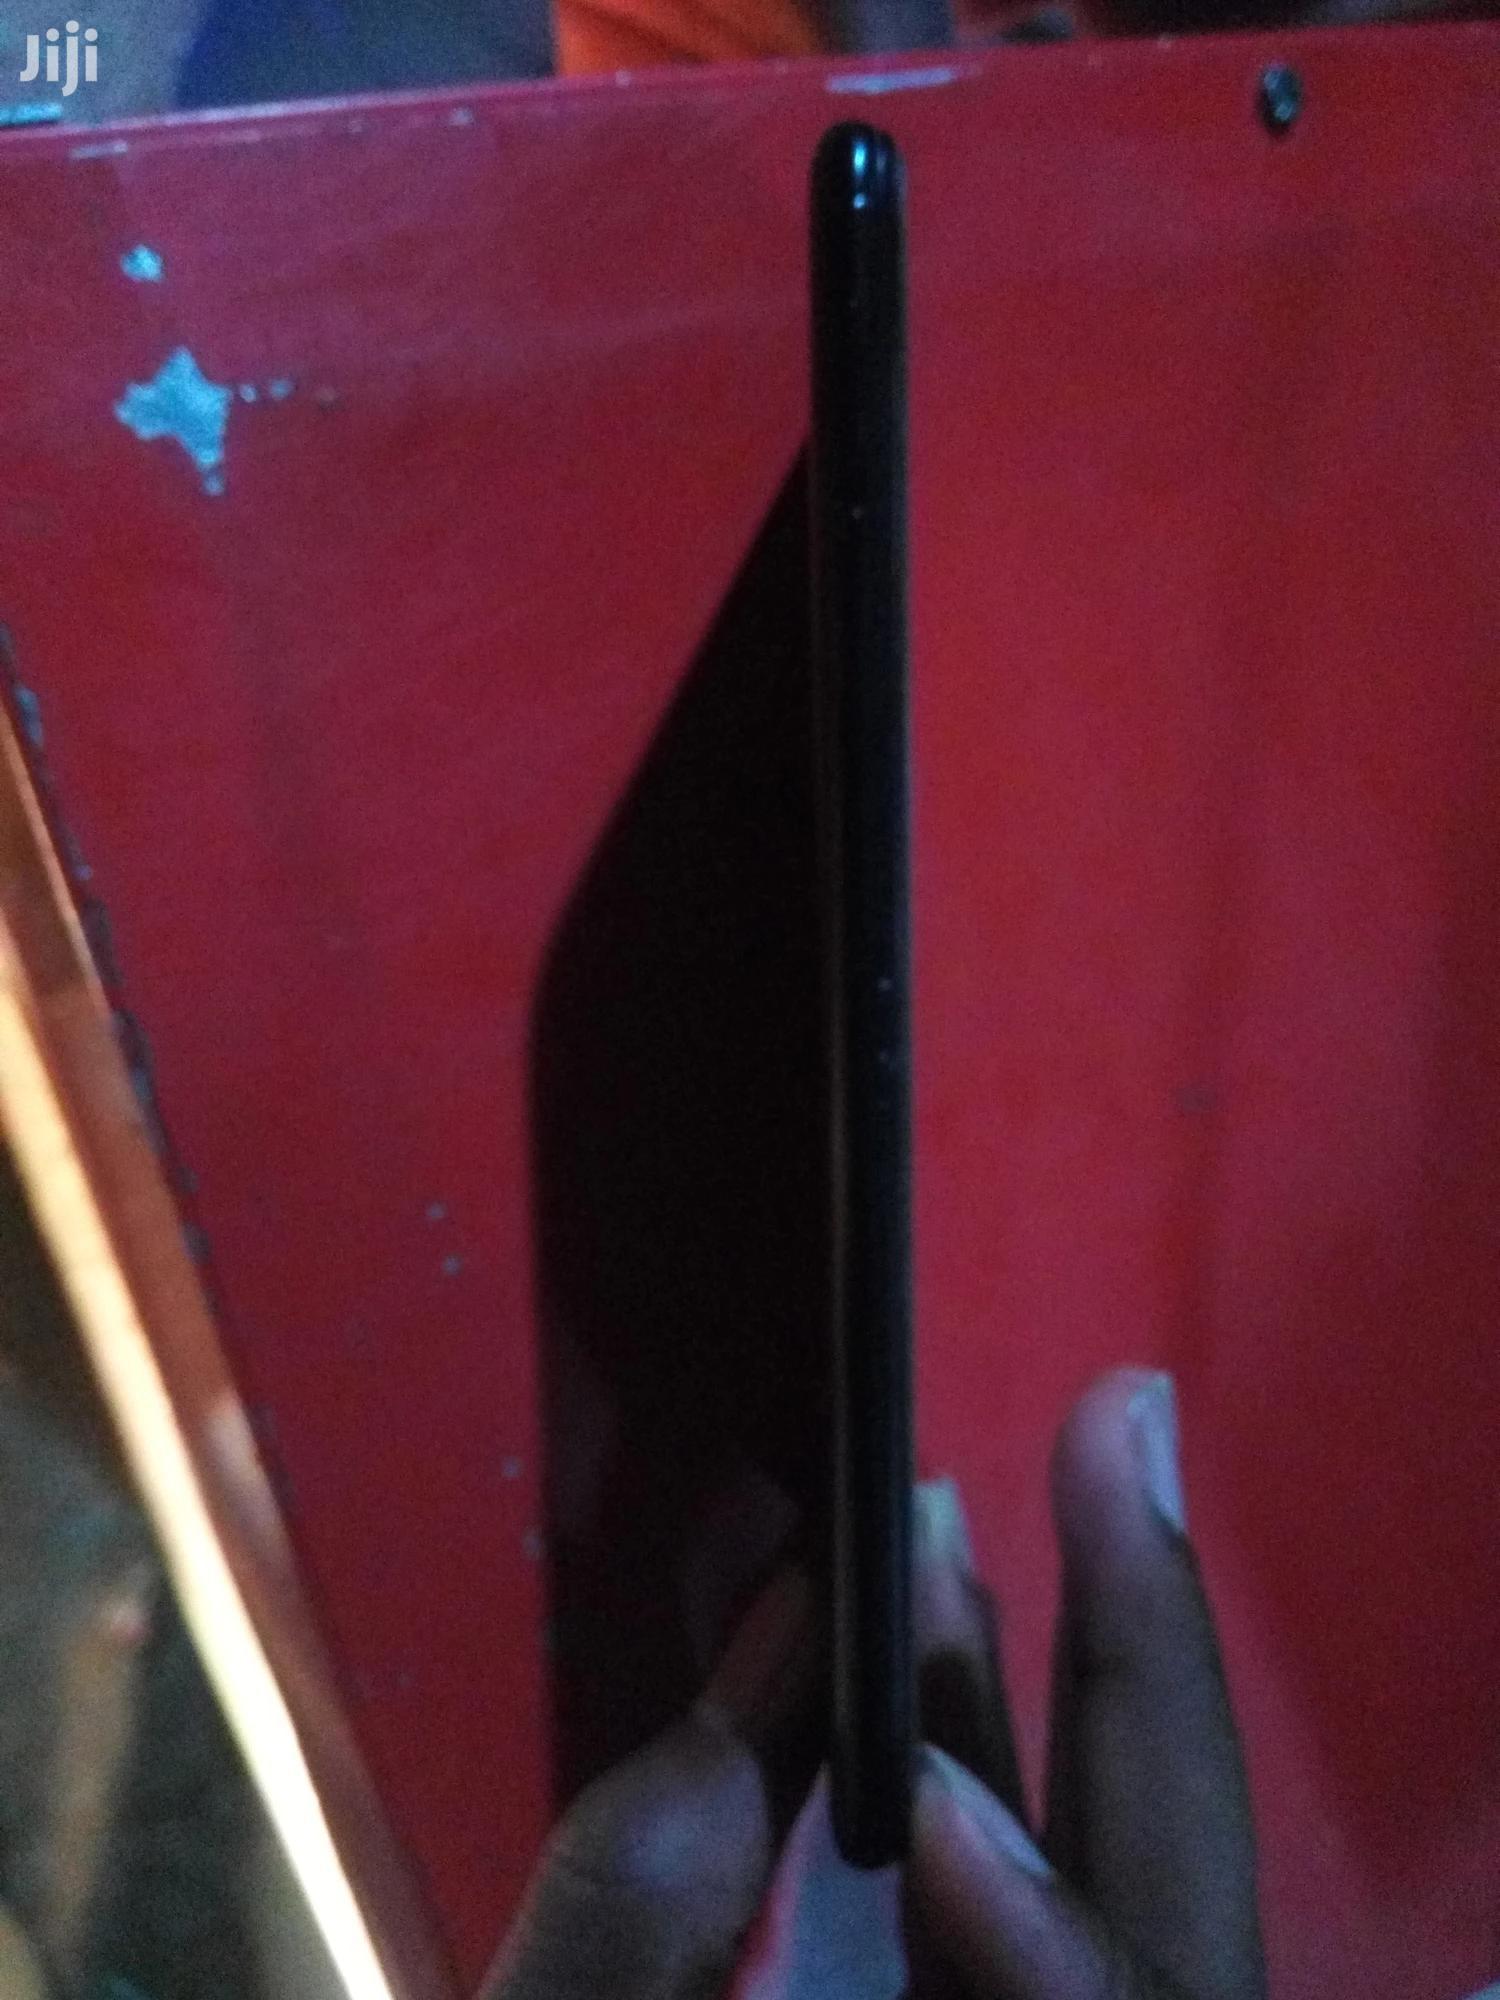 Tecno Spark 2 16 GB Black | Mobile Phones for sale in Kasarani, Nairobi, Kenya